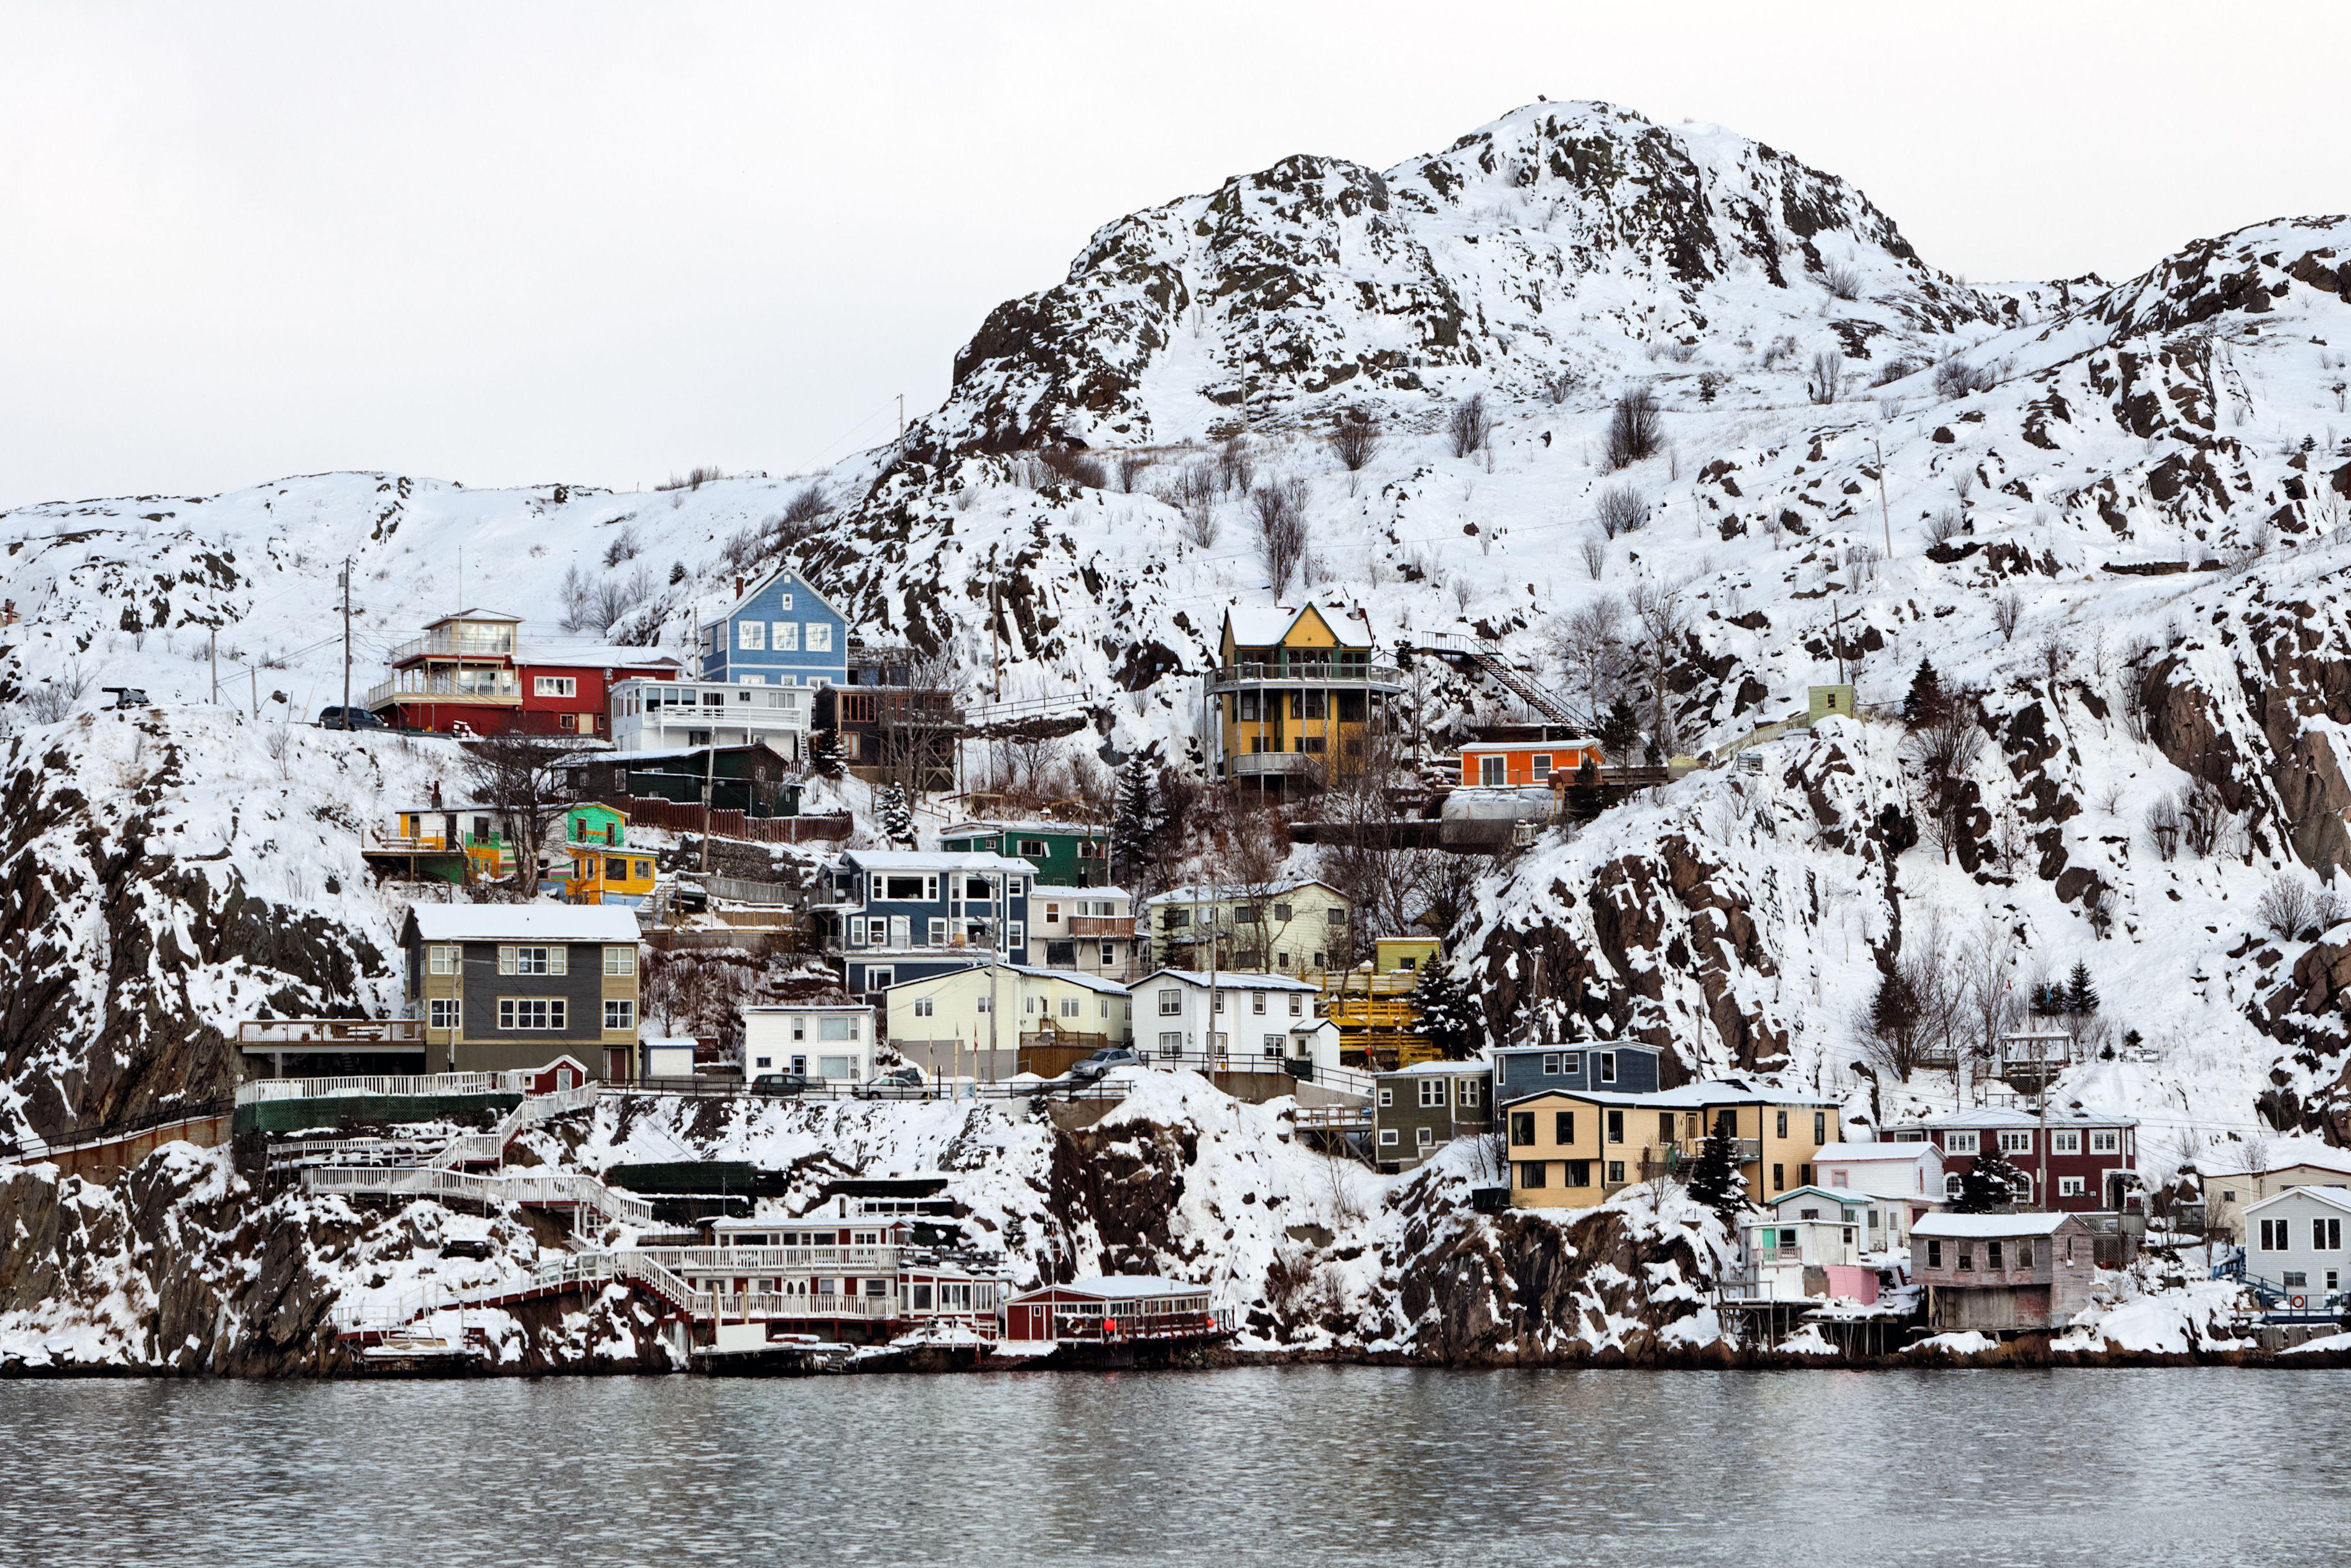 Snow, Jellybean Row St Johns, Newfoundland, Canada